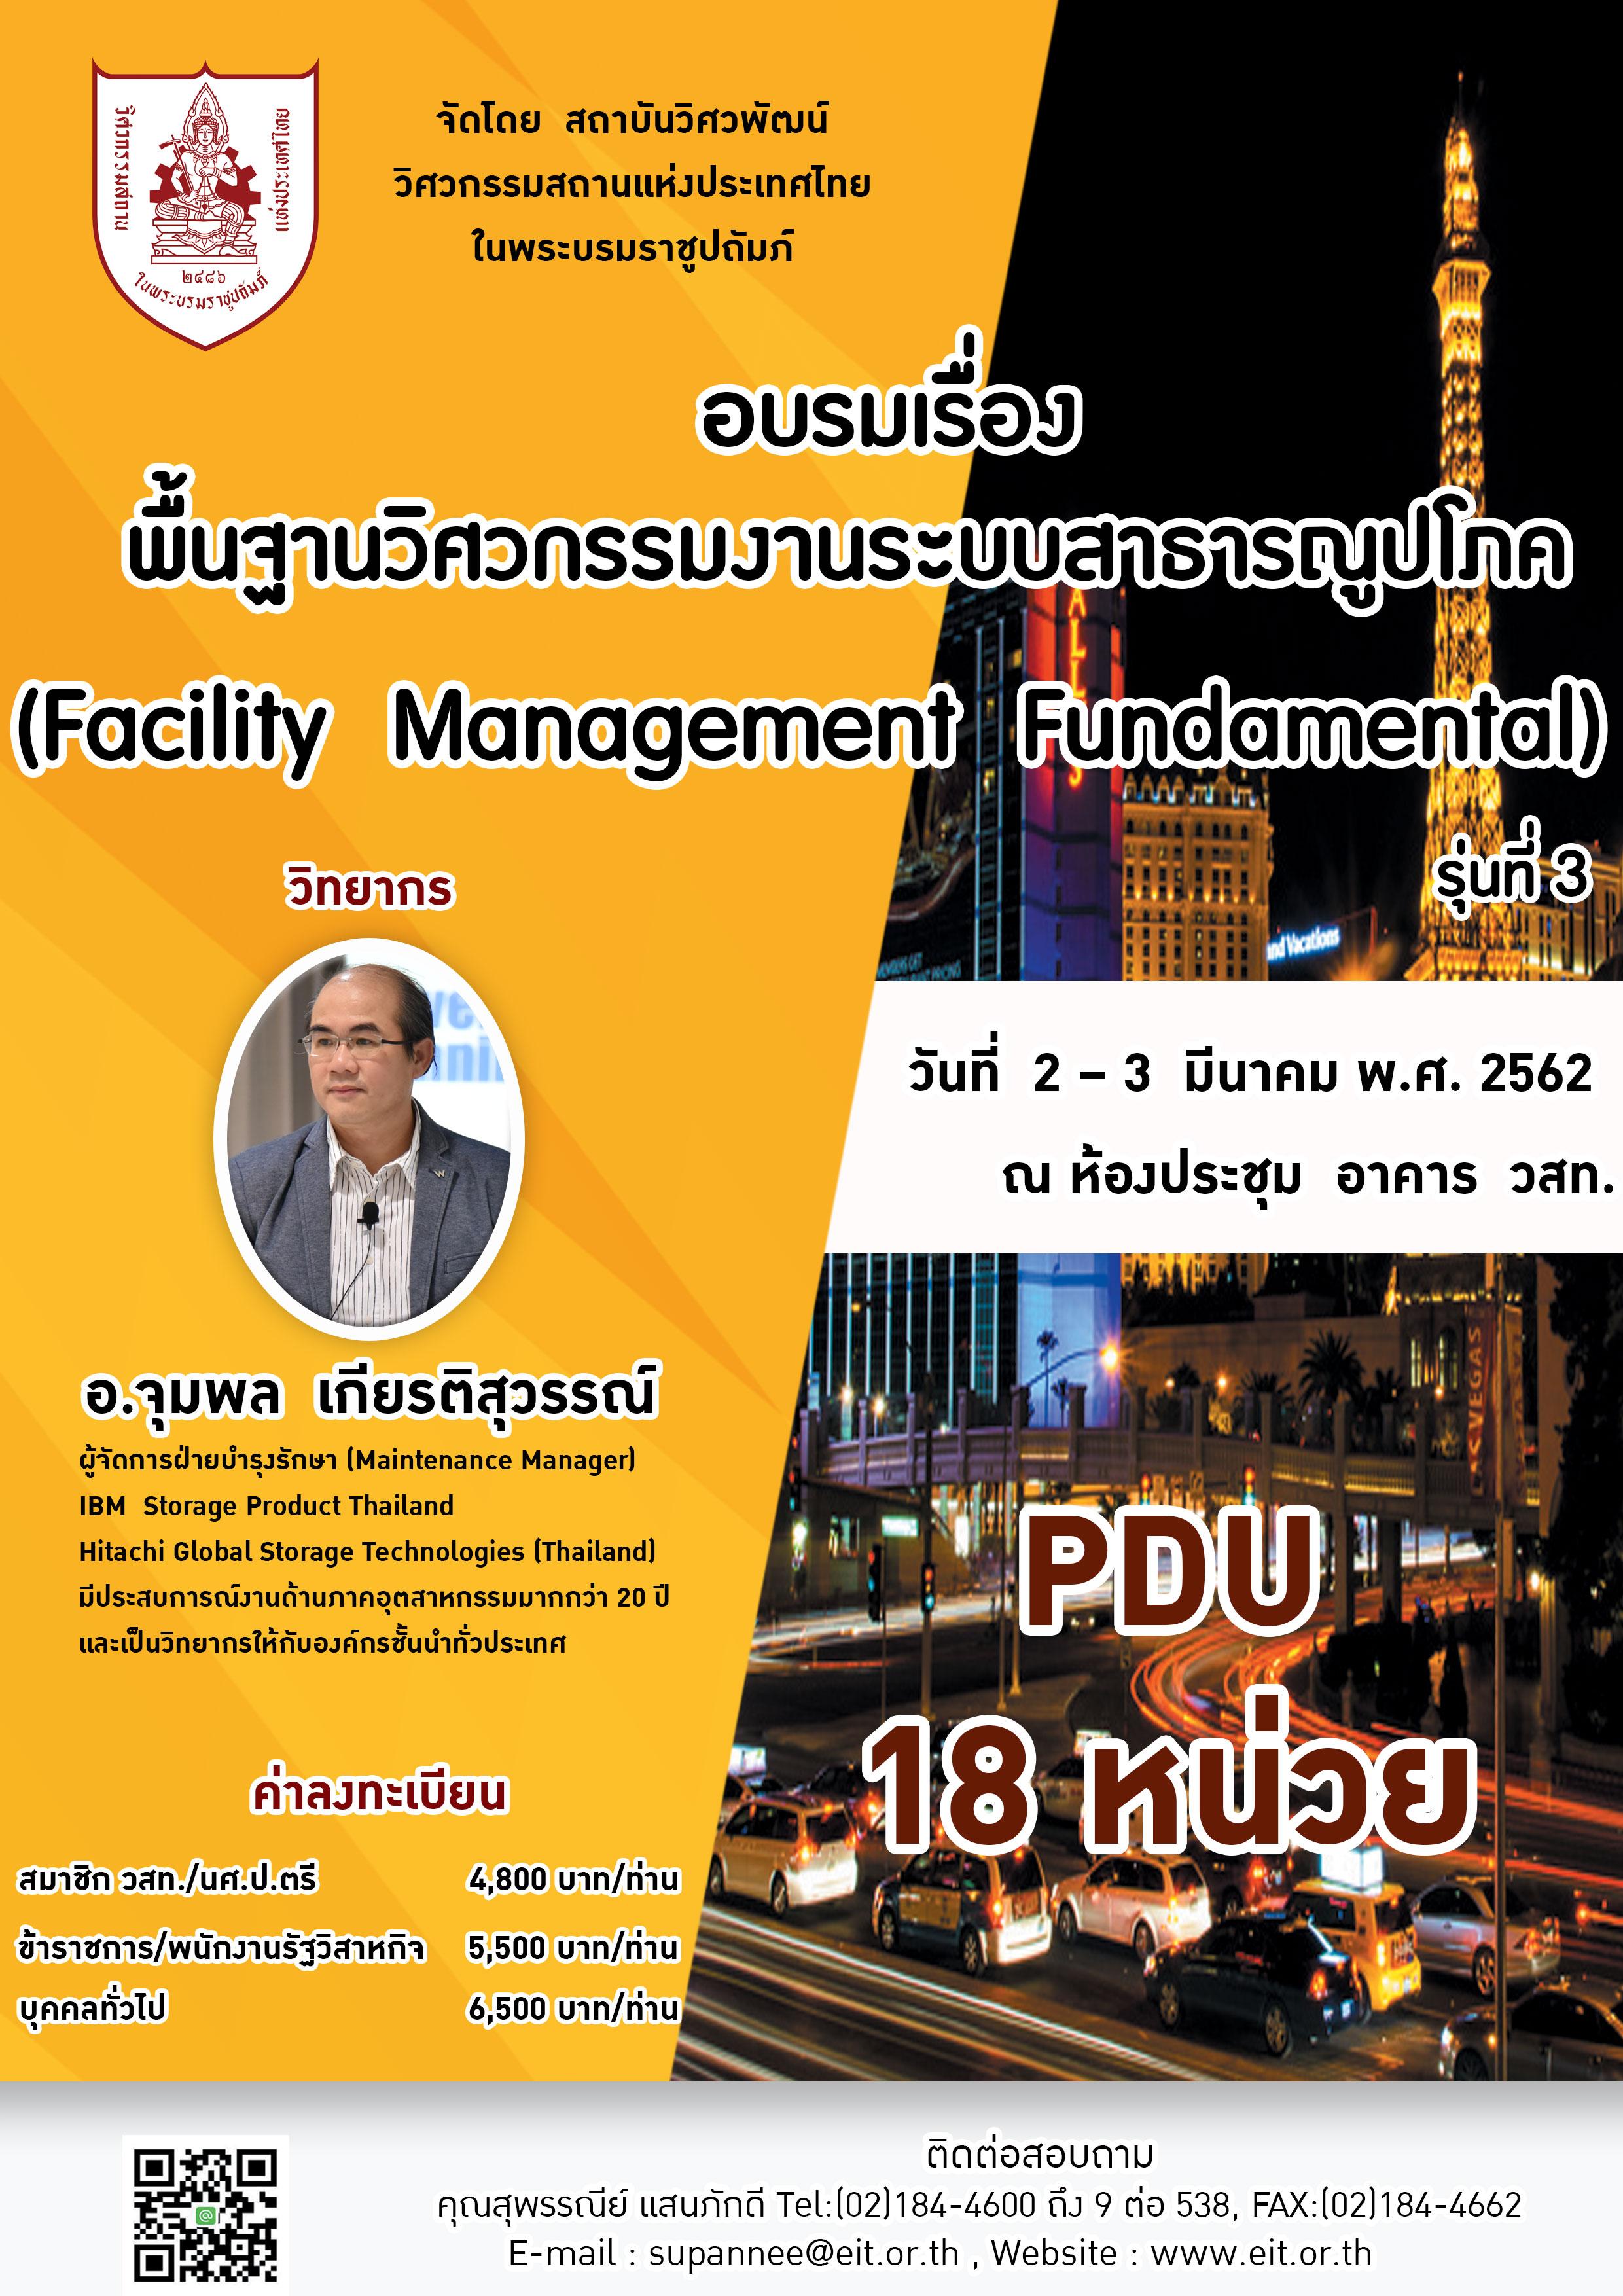 2-3/03/2562 การอบรมเรื่อง พื้นฐานวิศวกรรมงานระบบสาธารณูปโภค (Facility  Management  Fundamental)  รุ่นที่ 3